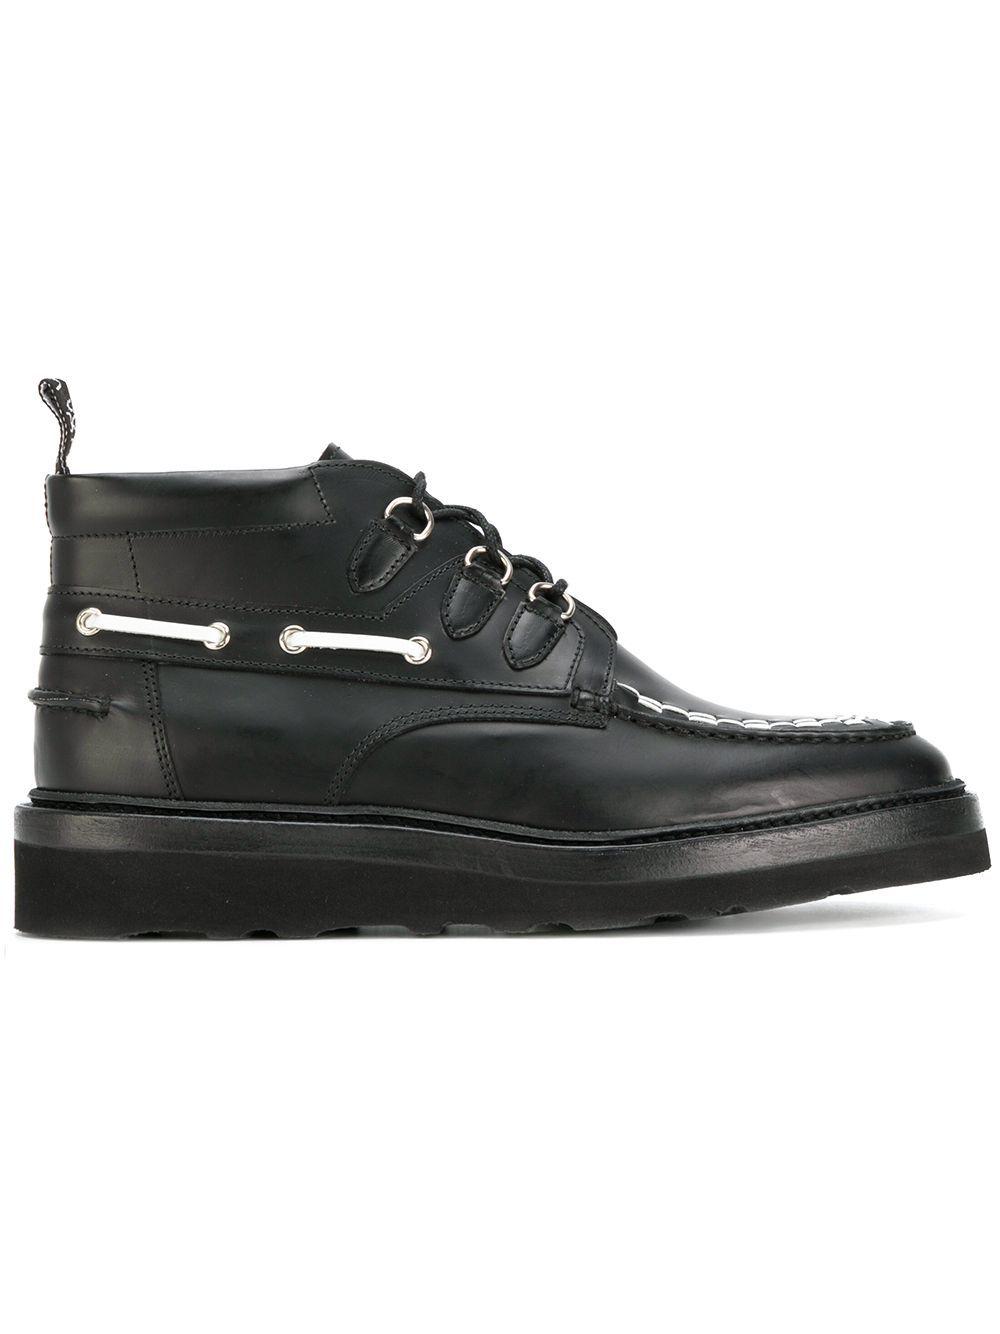 WEBER HODEL FEDER | Stamford boots #Shoes #WEBER HODEL FEDER